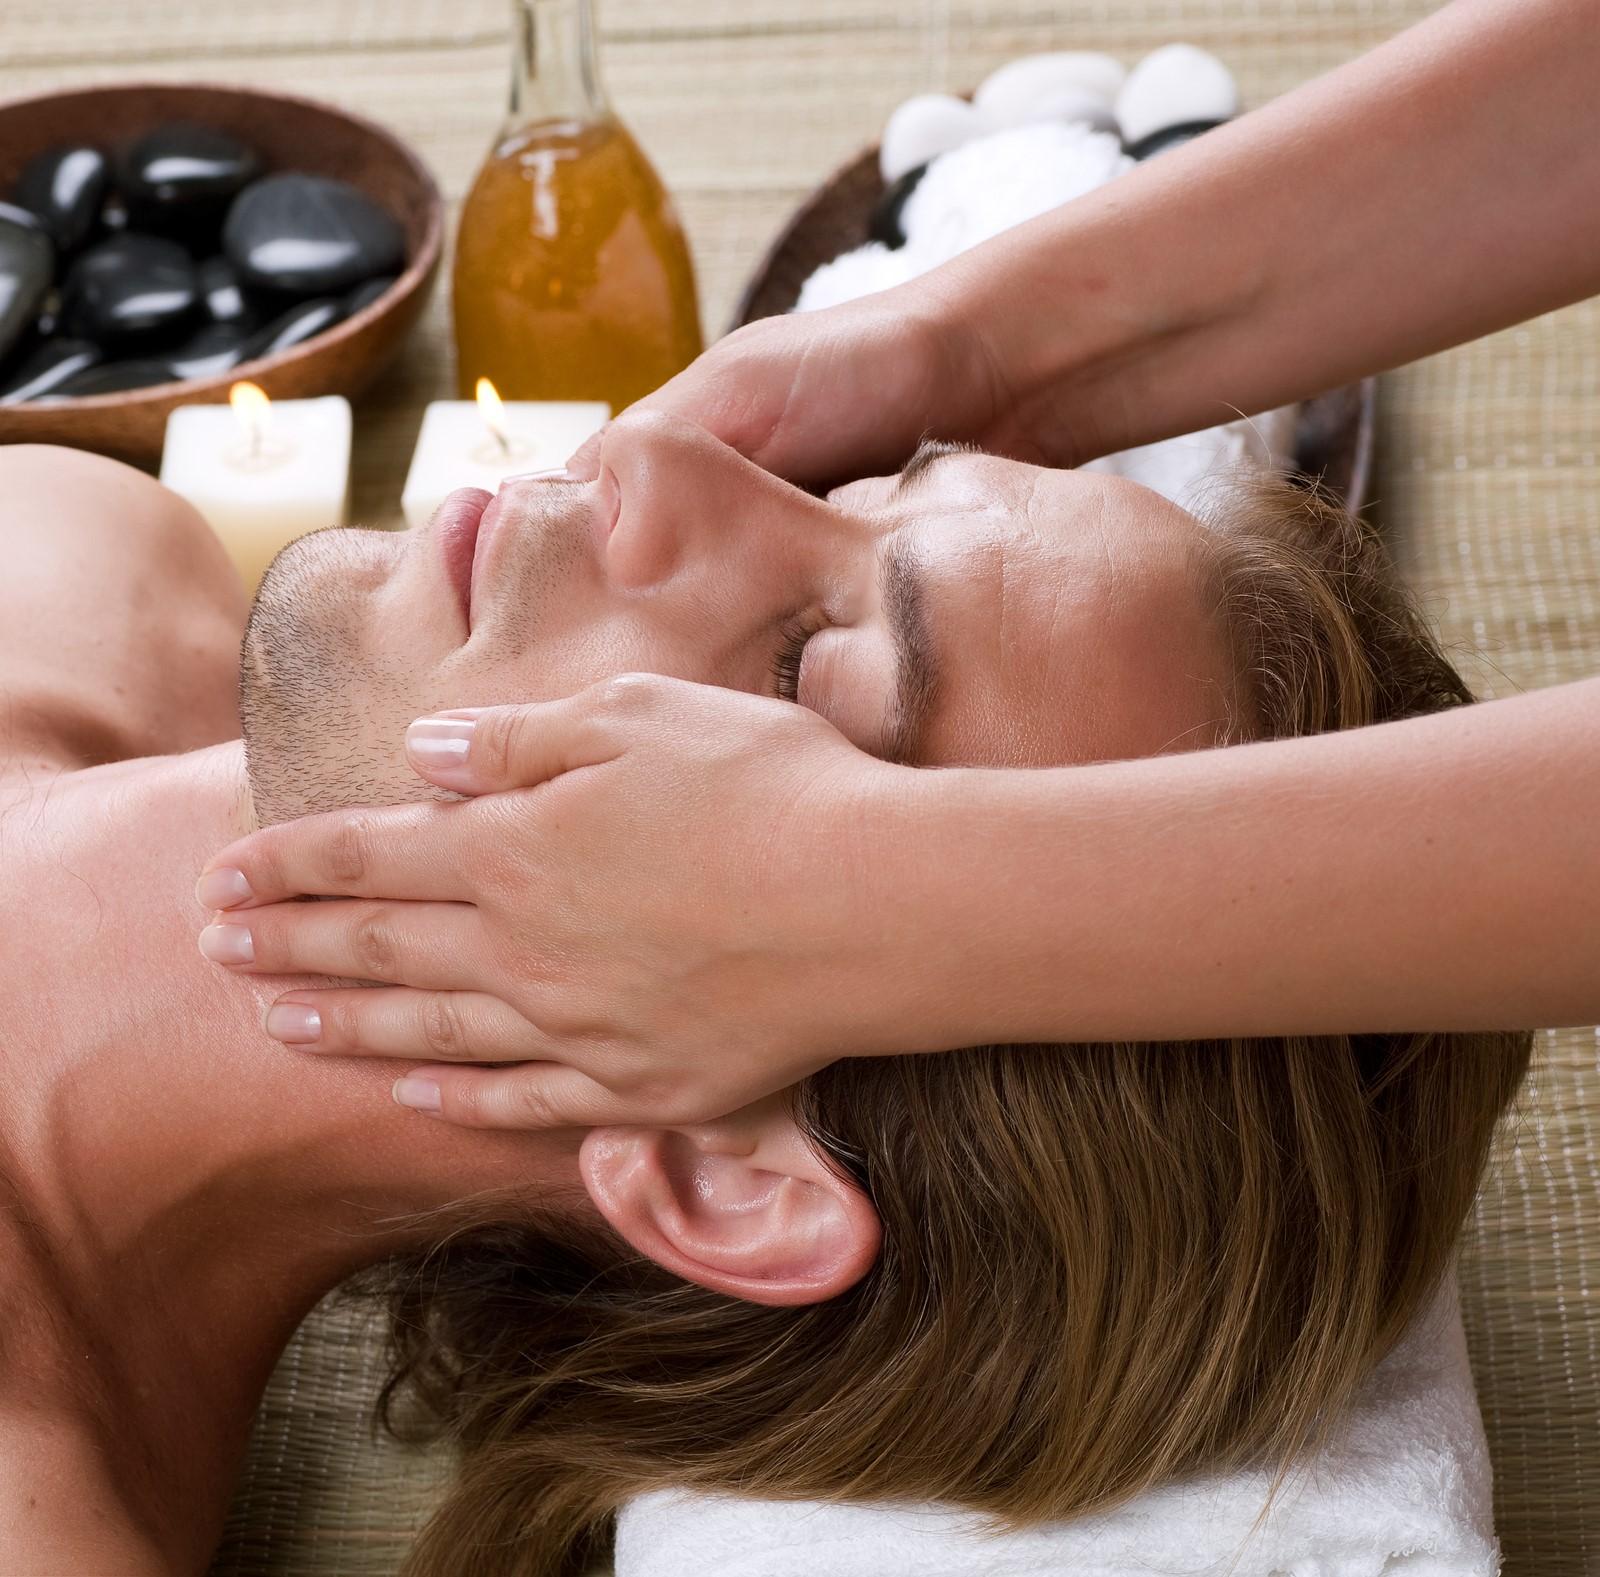 expert massage service